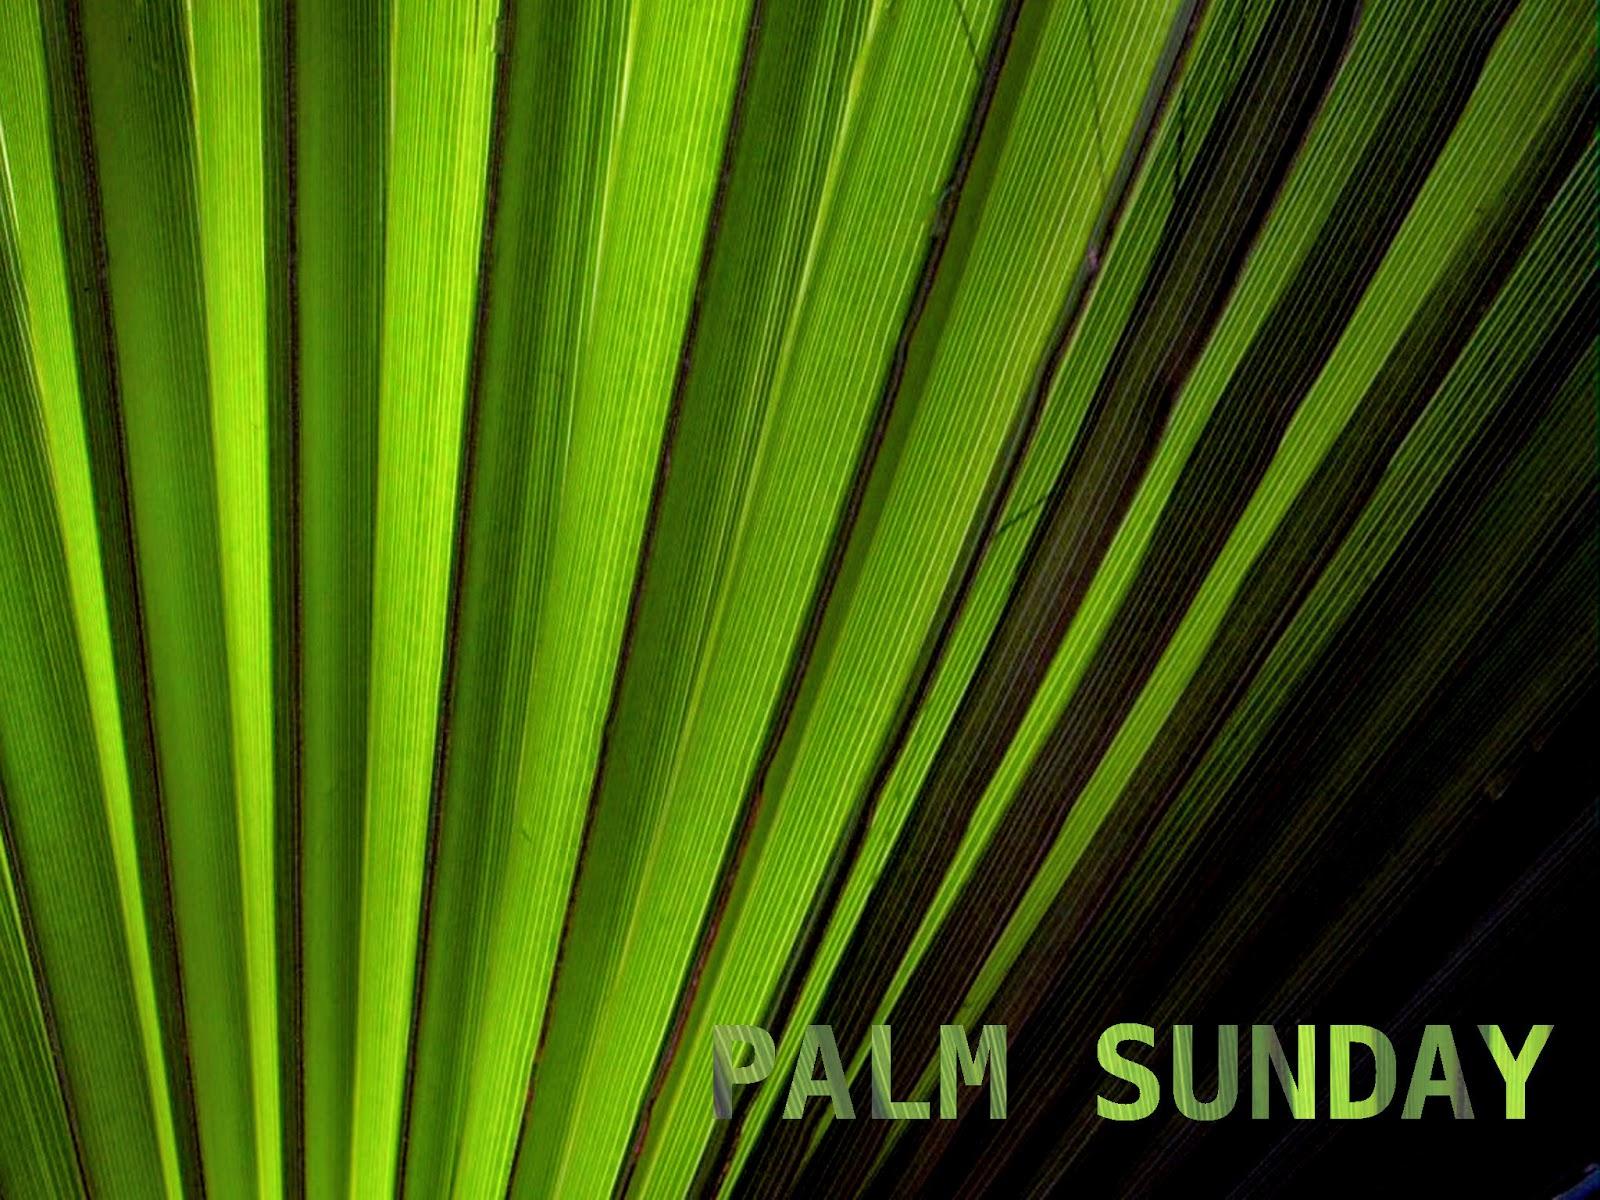 palm sunday - photo #27